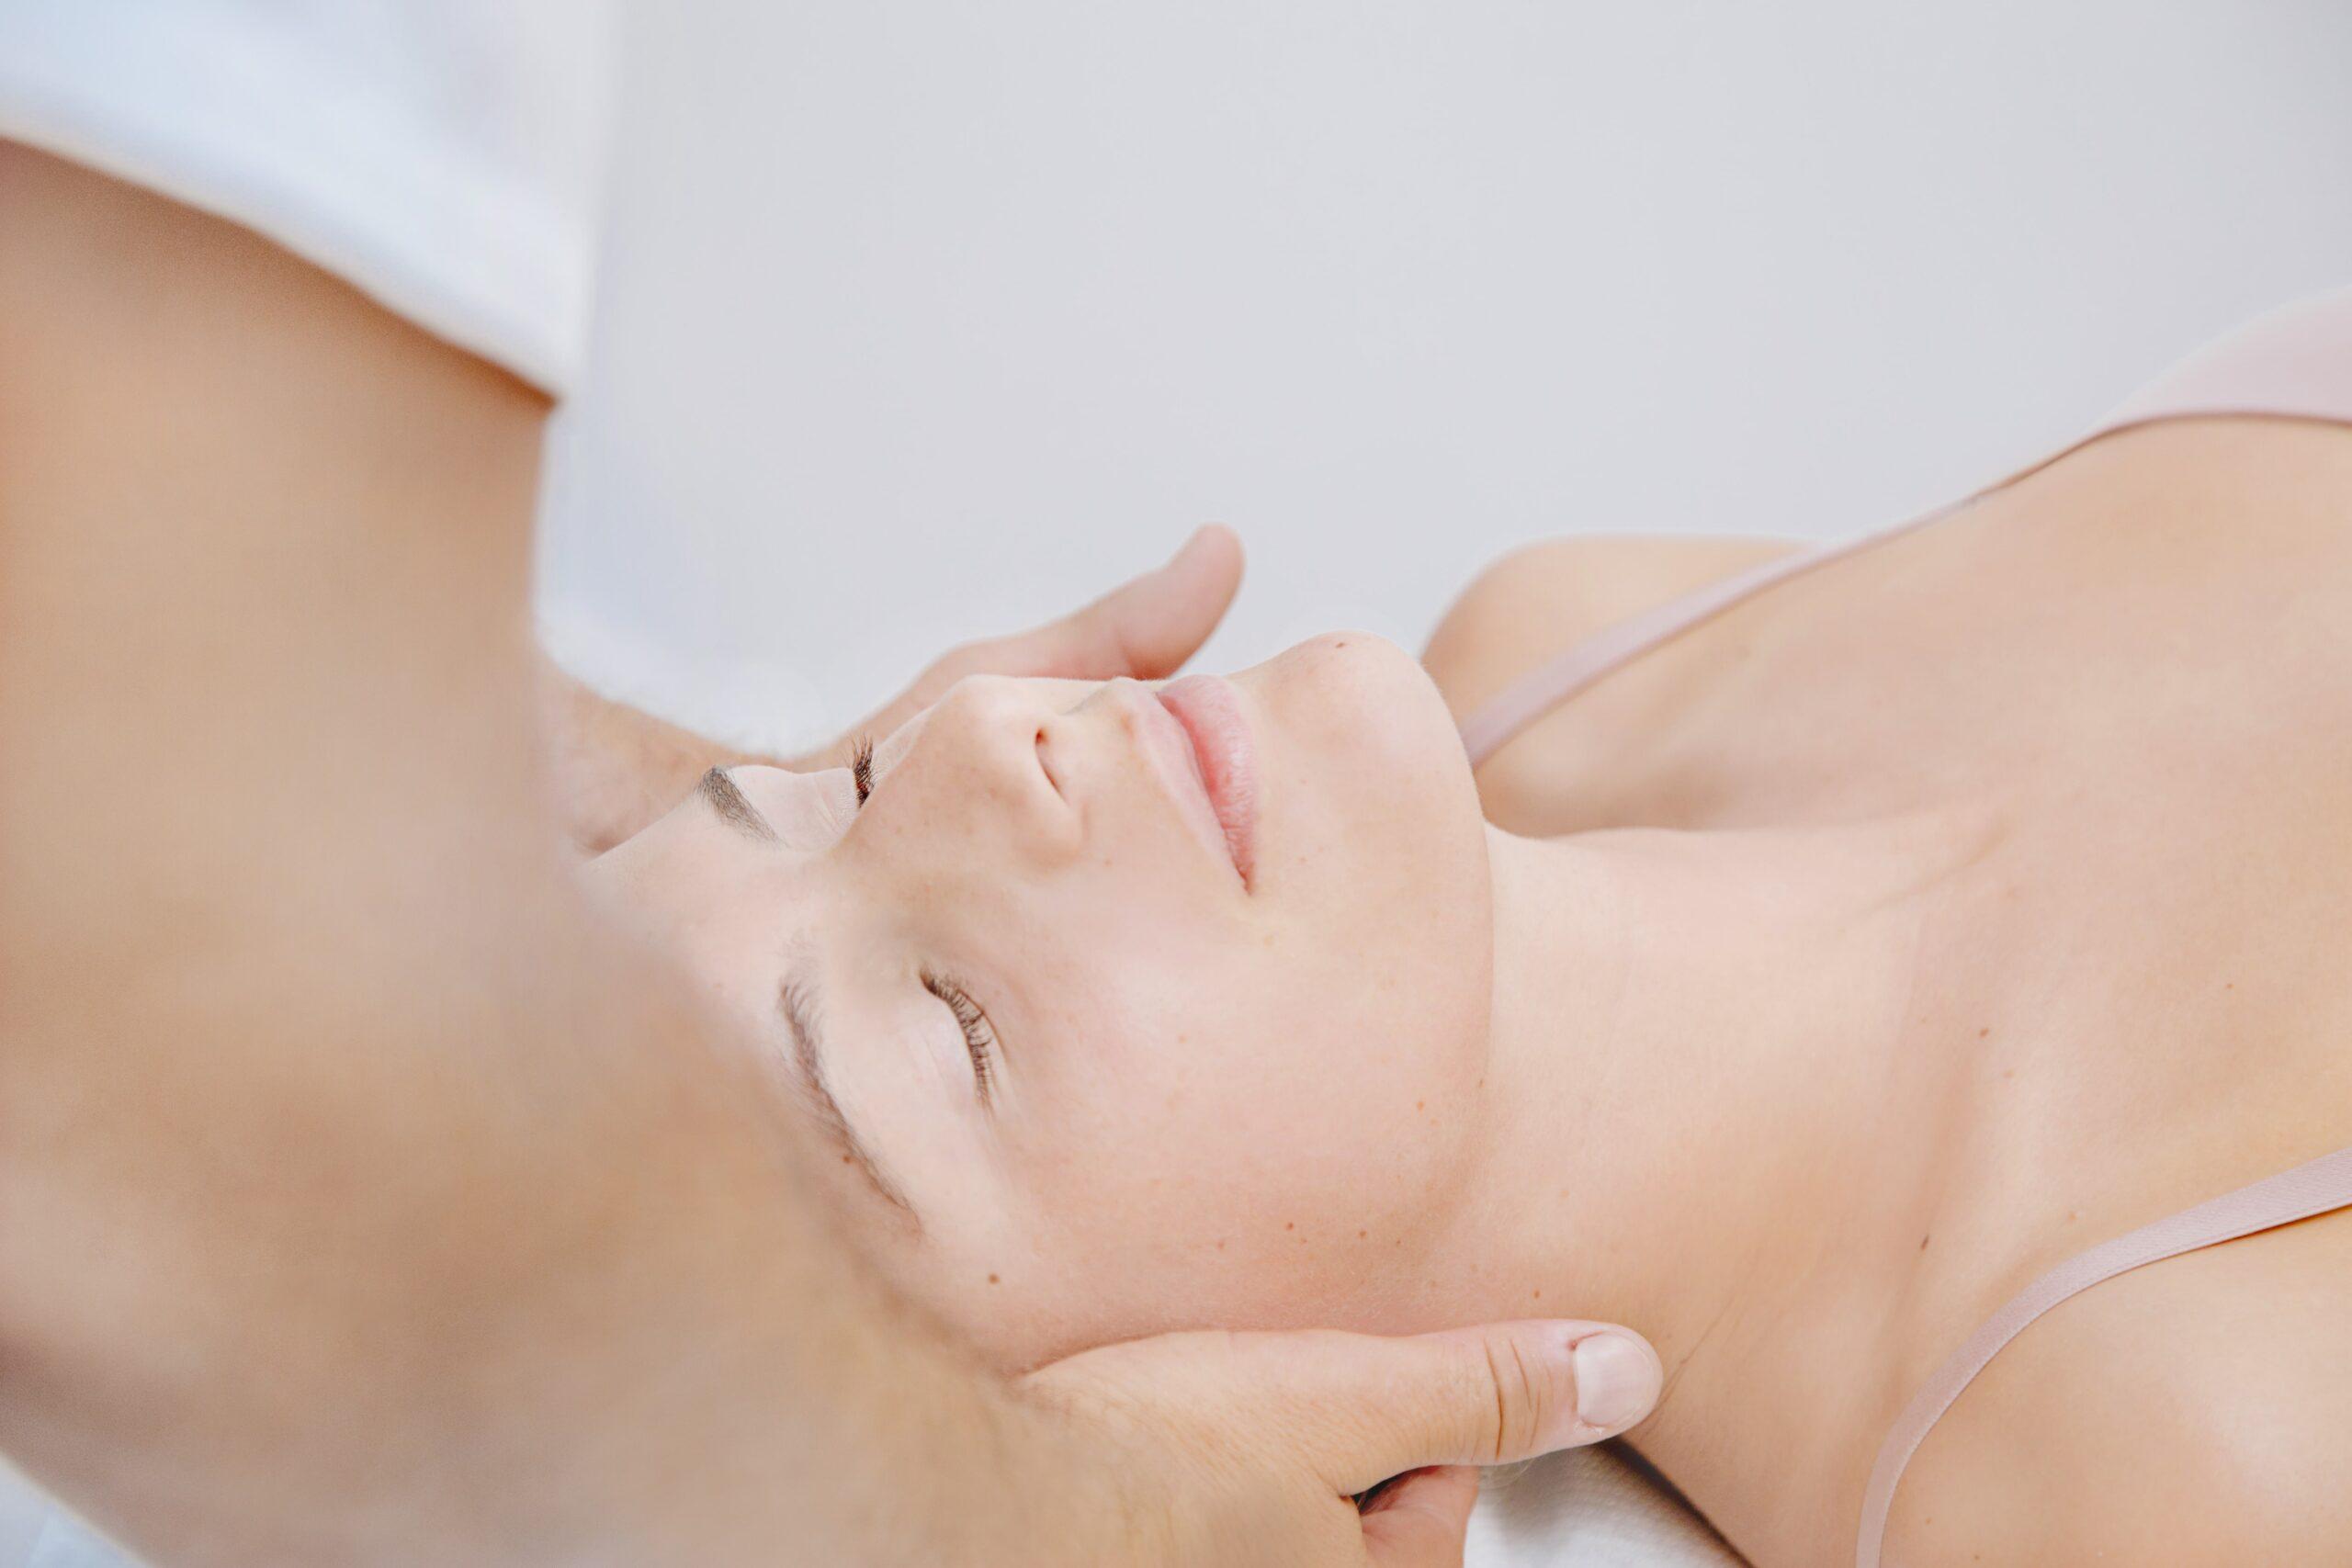 tratamiento-ansiedad-osteopatia-avanzada